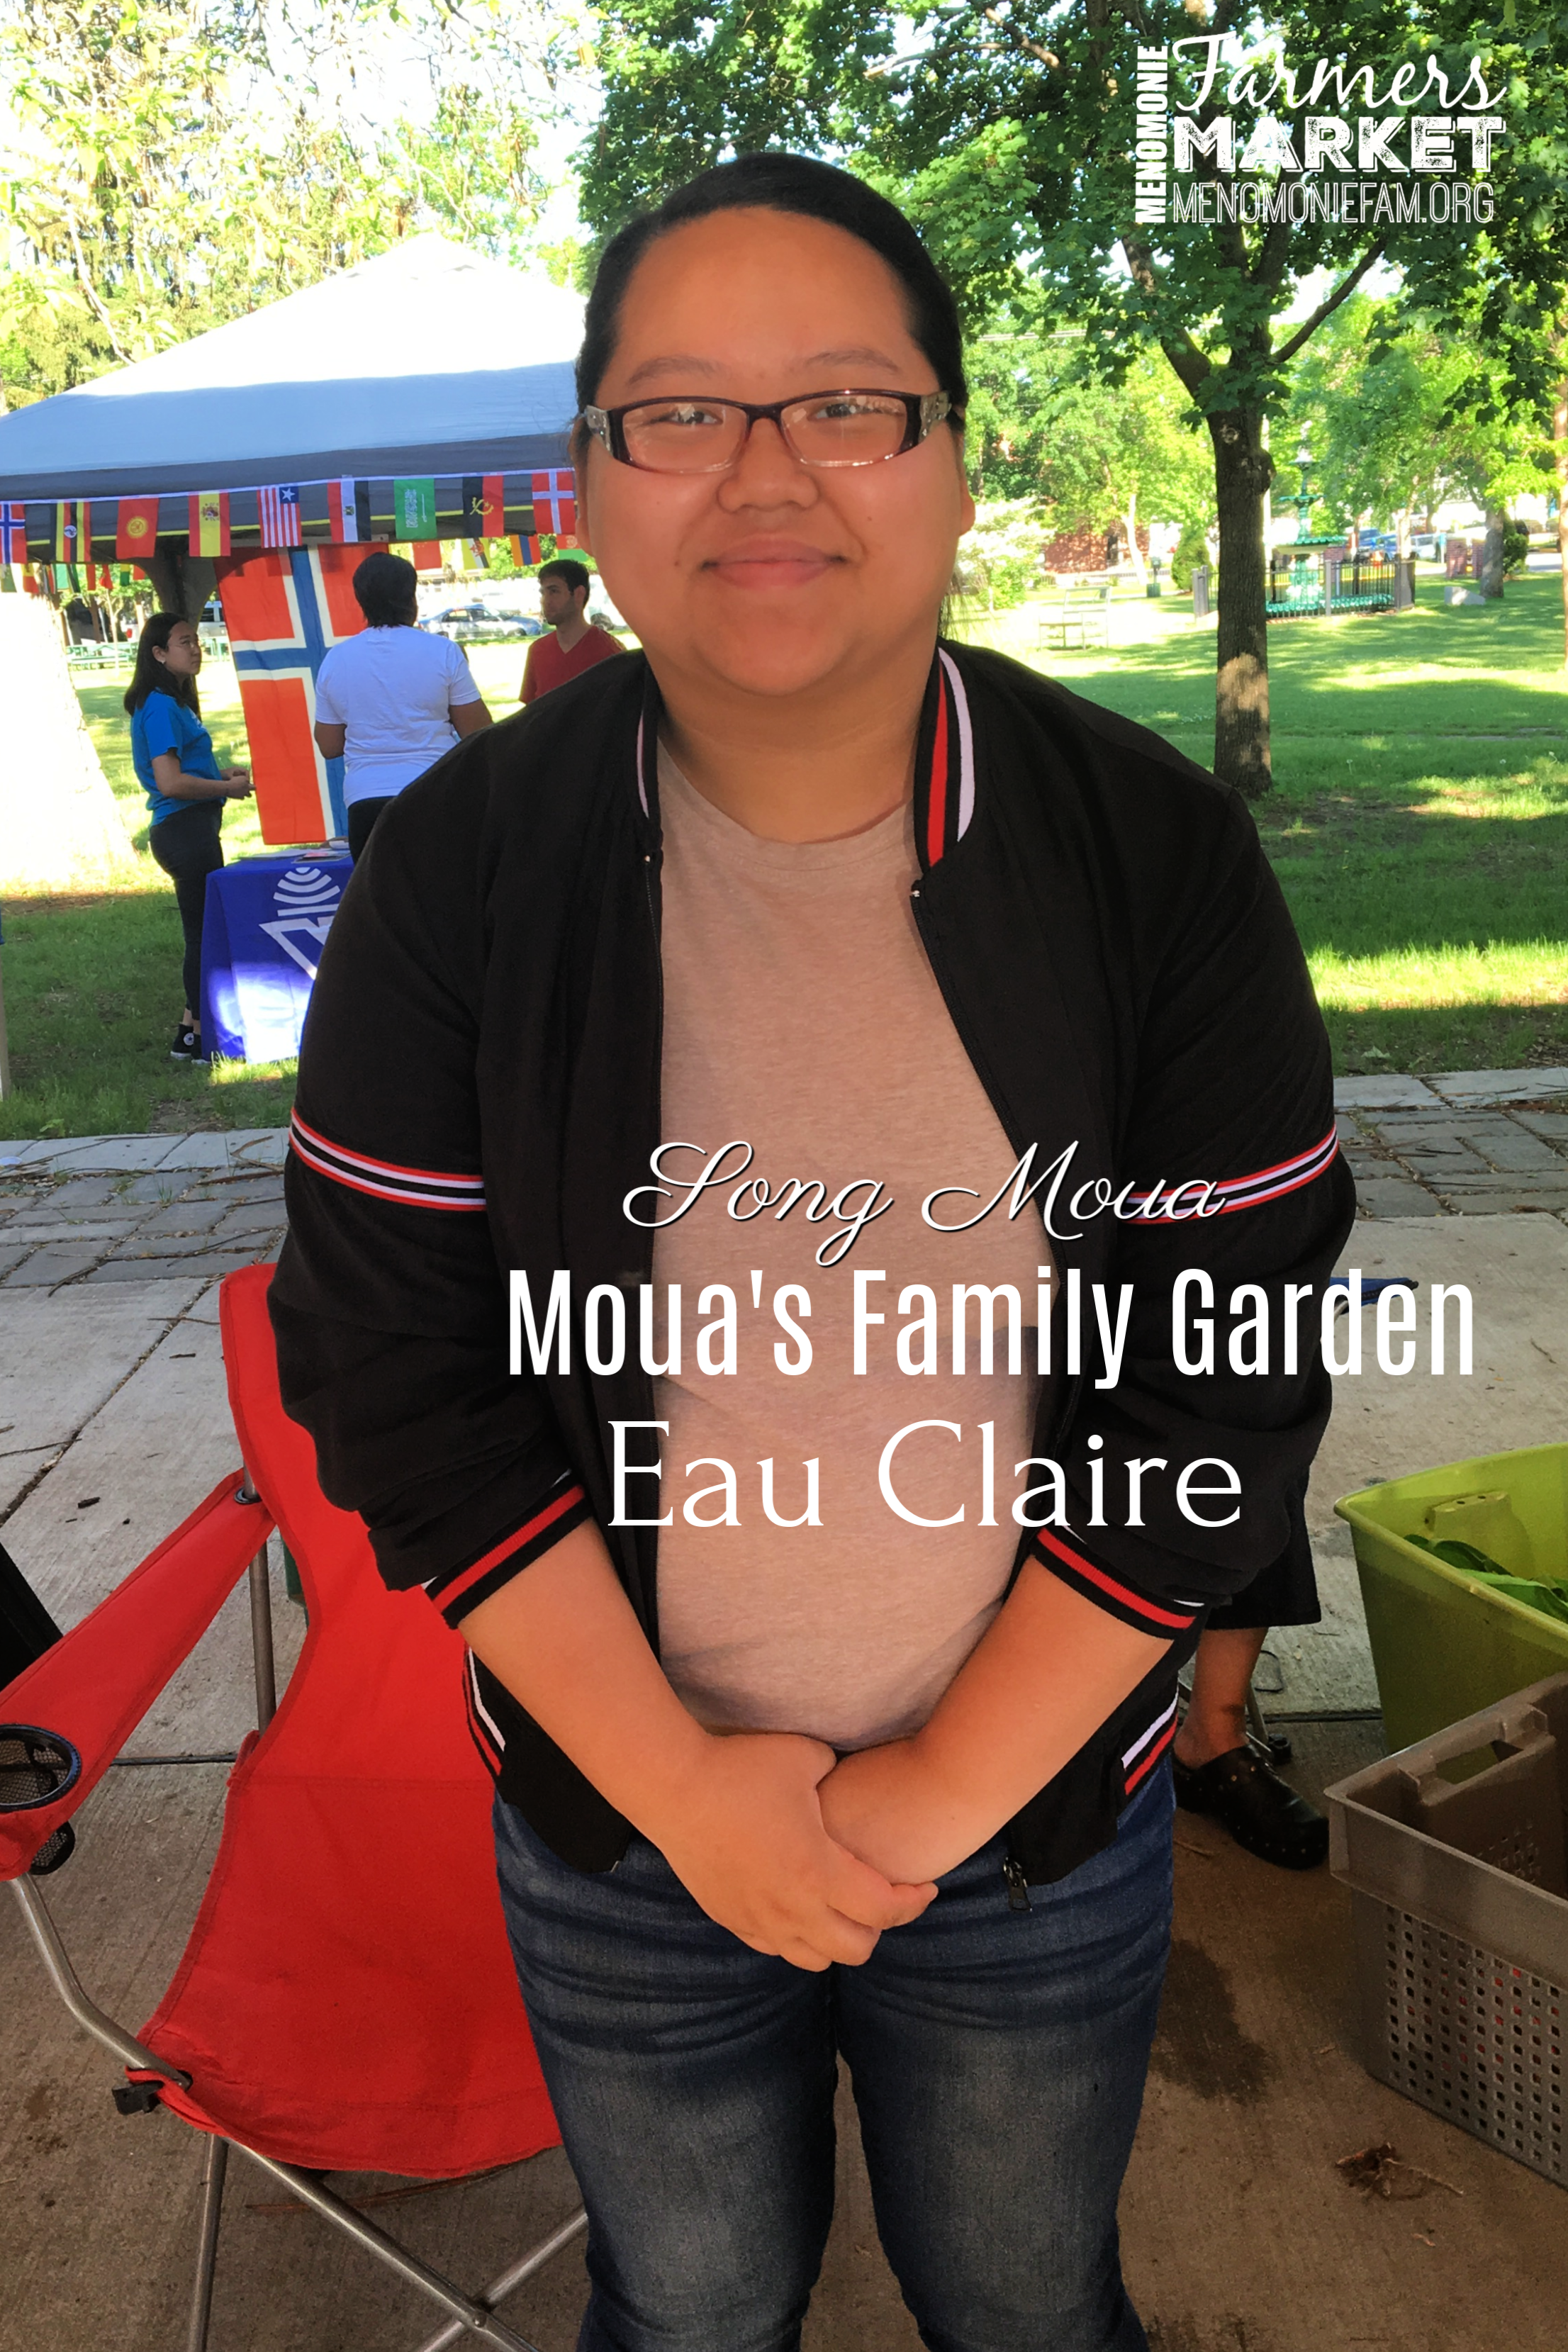 Moua's Family Garden